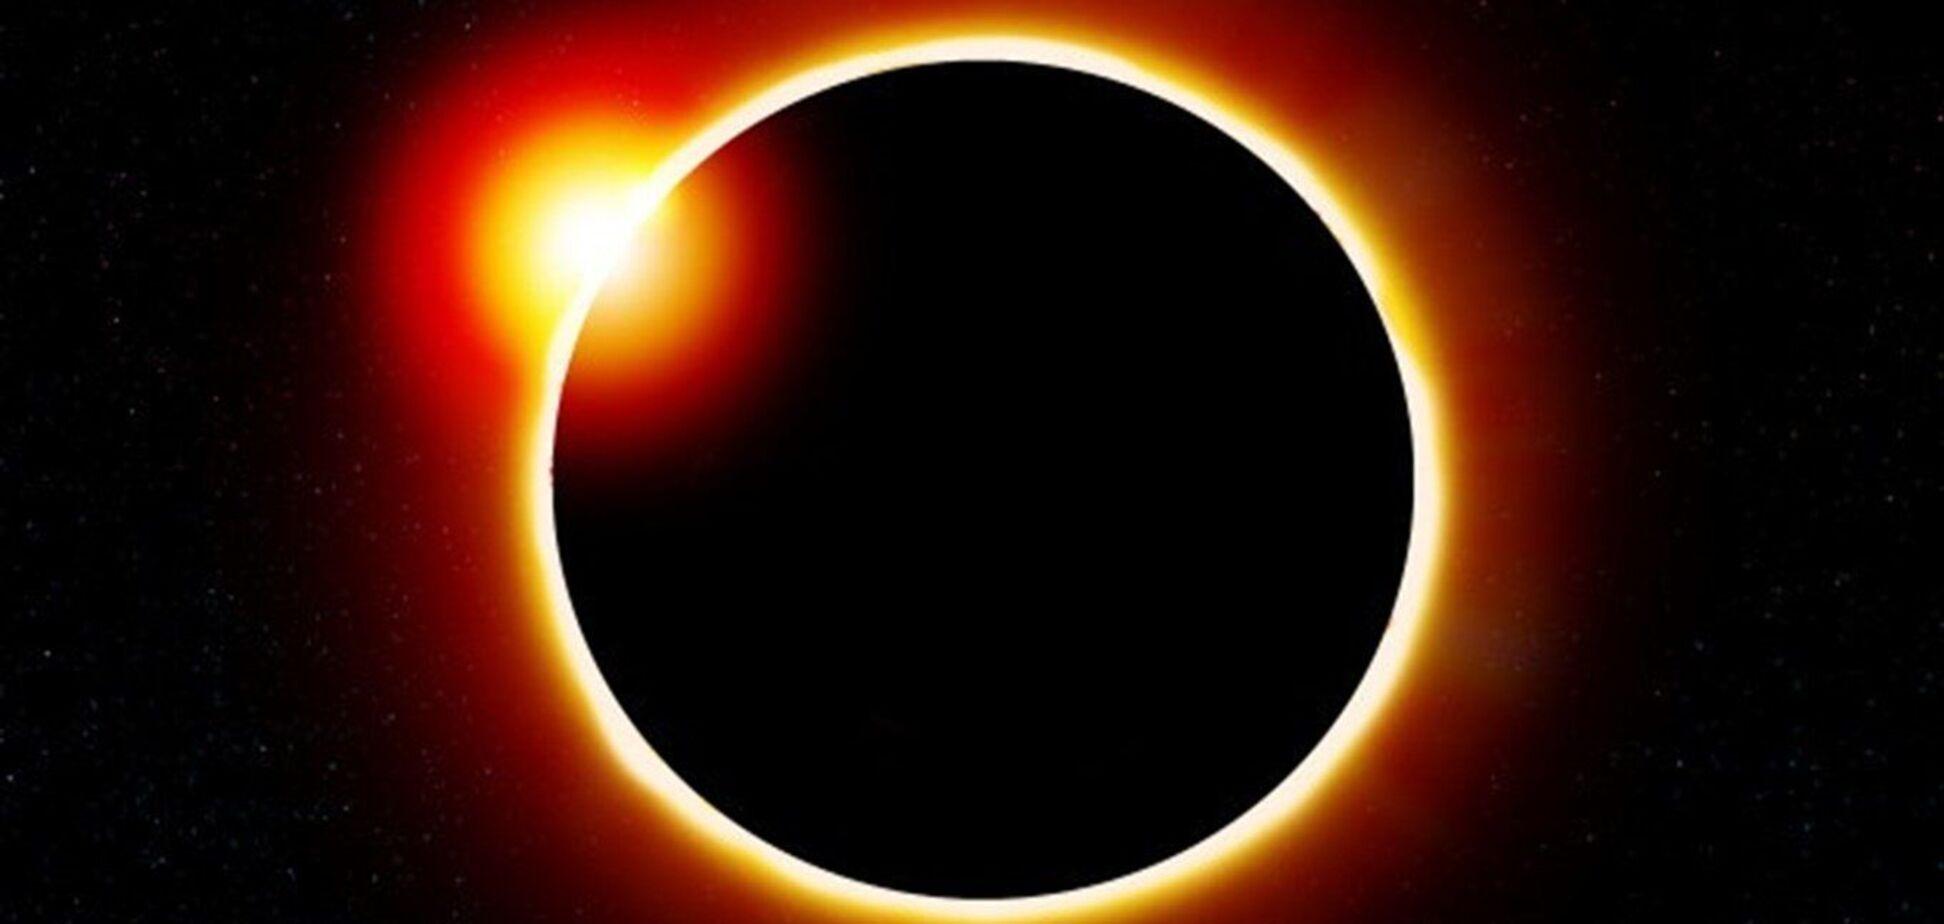 Україну накриє сонячне затемнення: коли і чого варто побоюватися